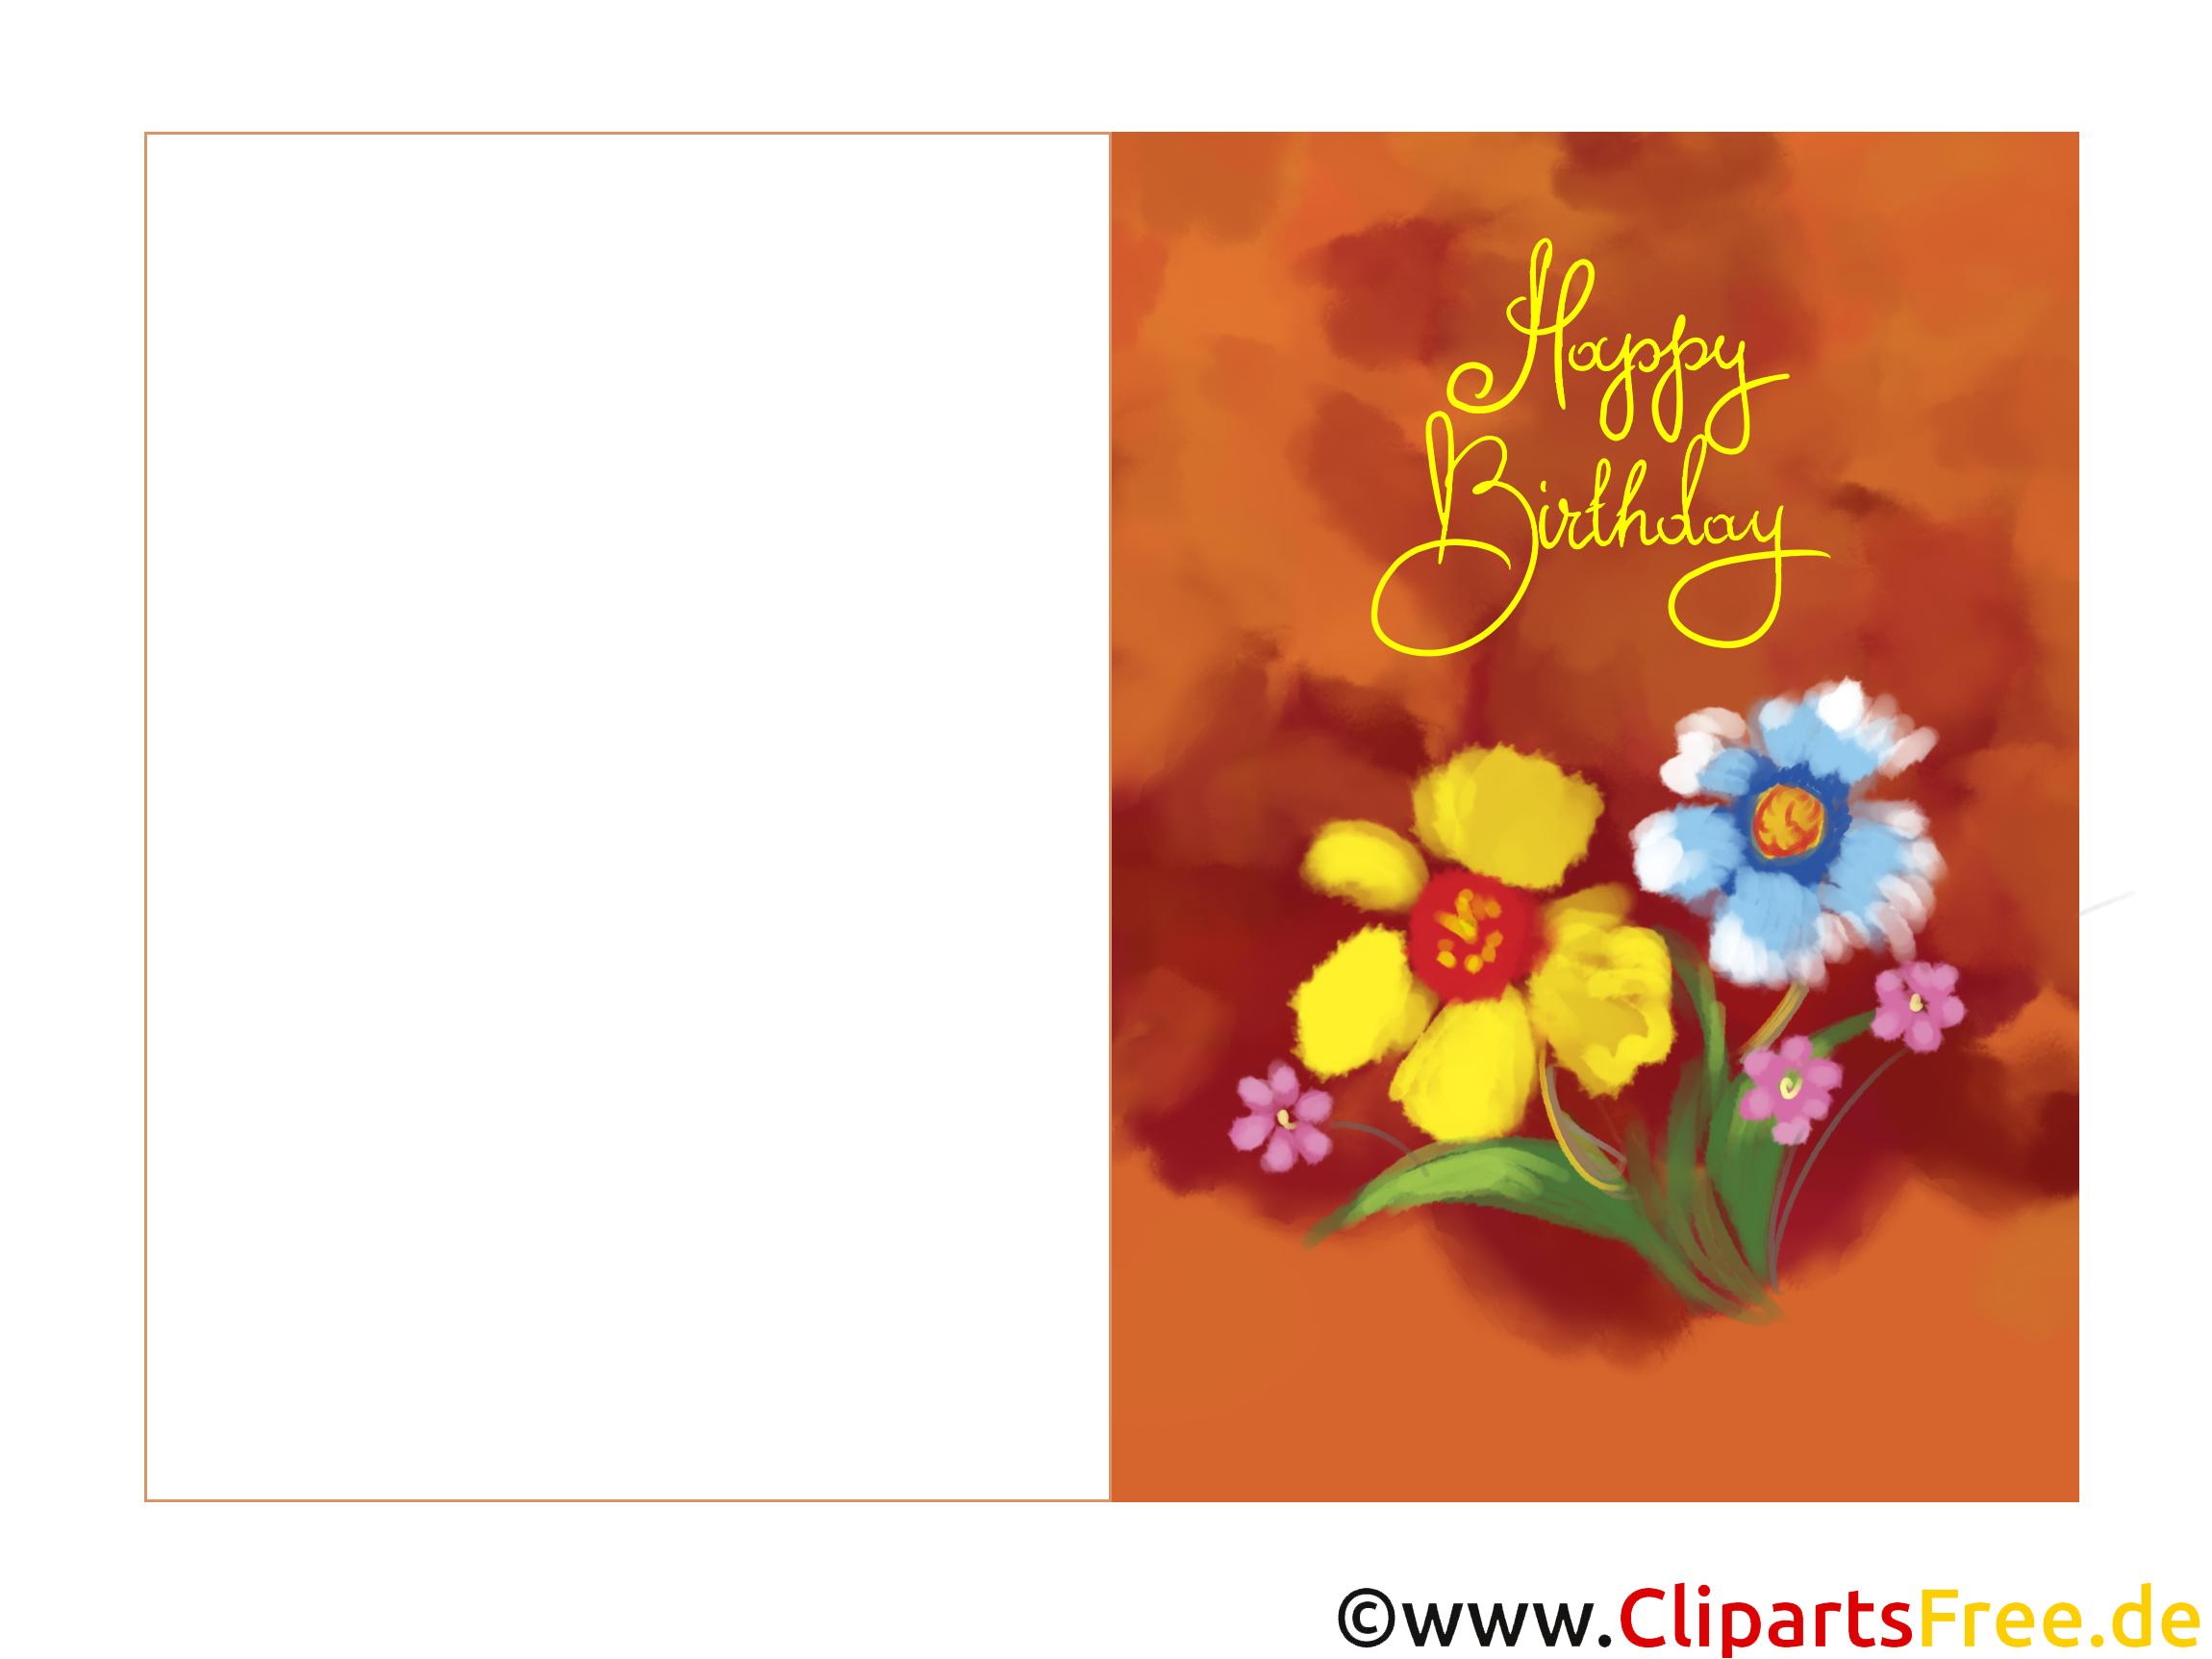 Elektronische Geburtstagskarte Kostenlos Zum Runterladen Und verwandt mit Gratis Geburtstagskarten